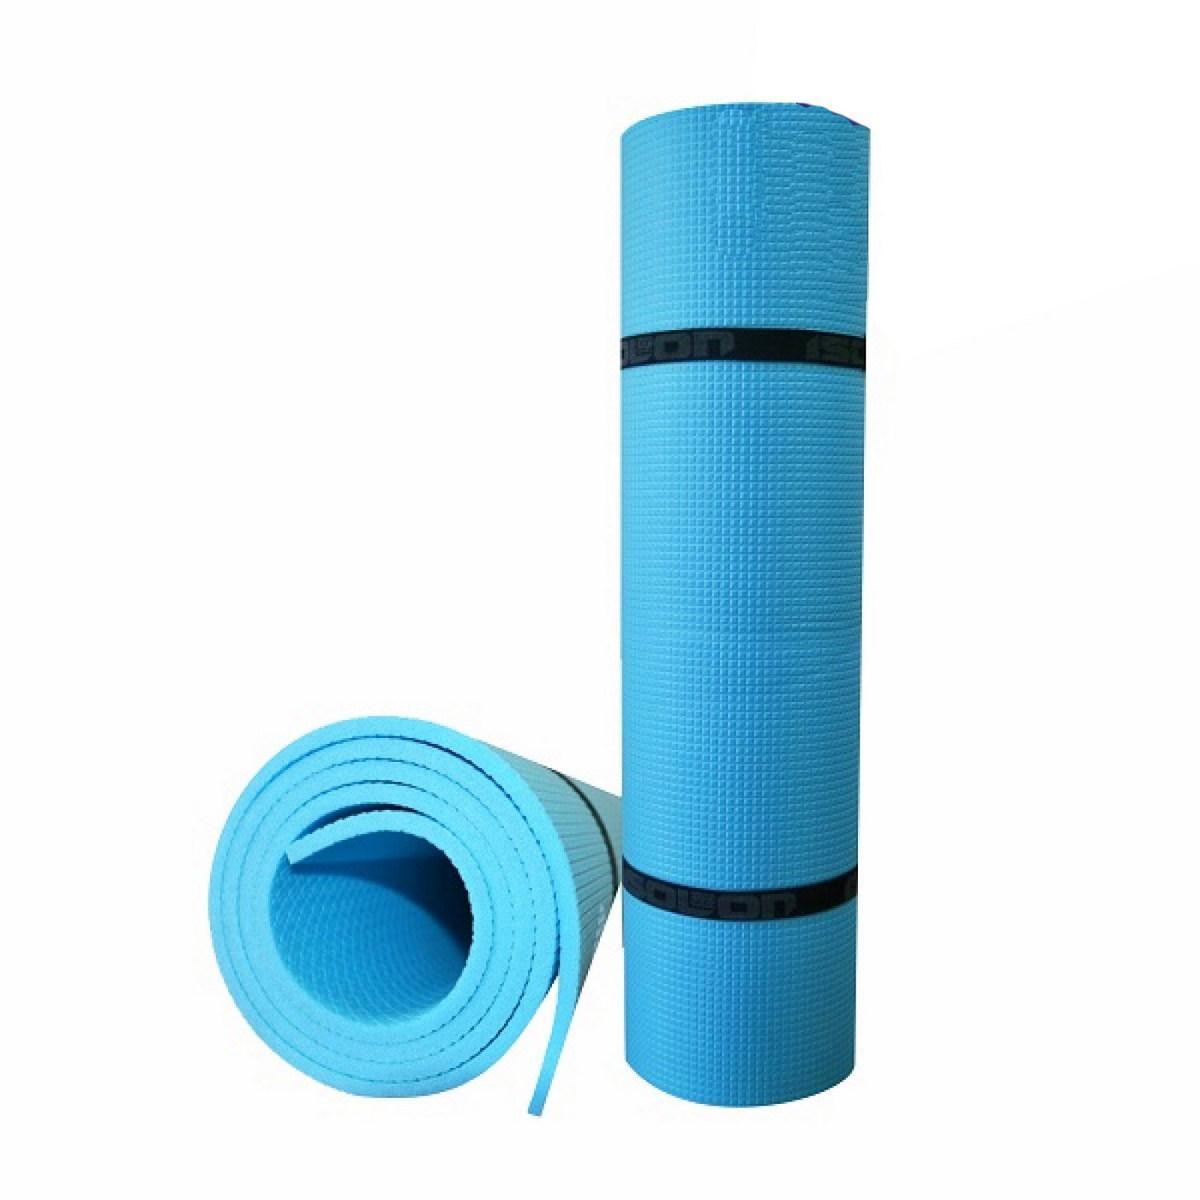 Коврик для йоги и фитнеса - фото 2